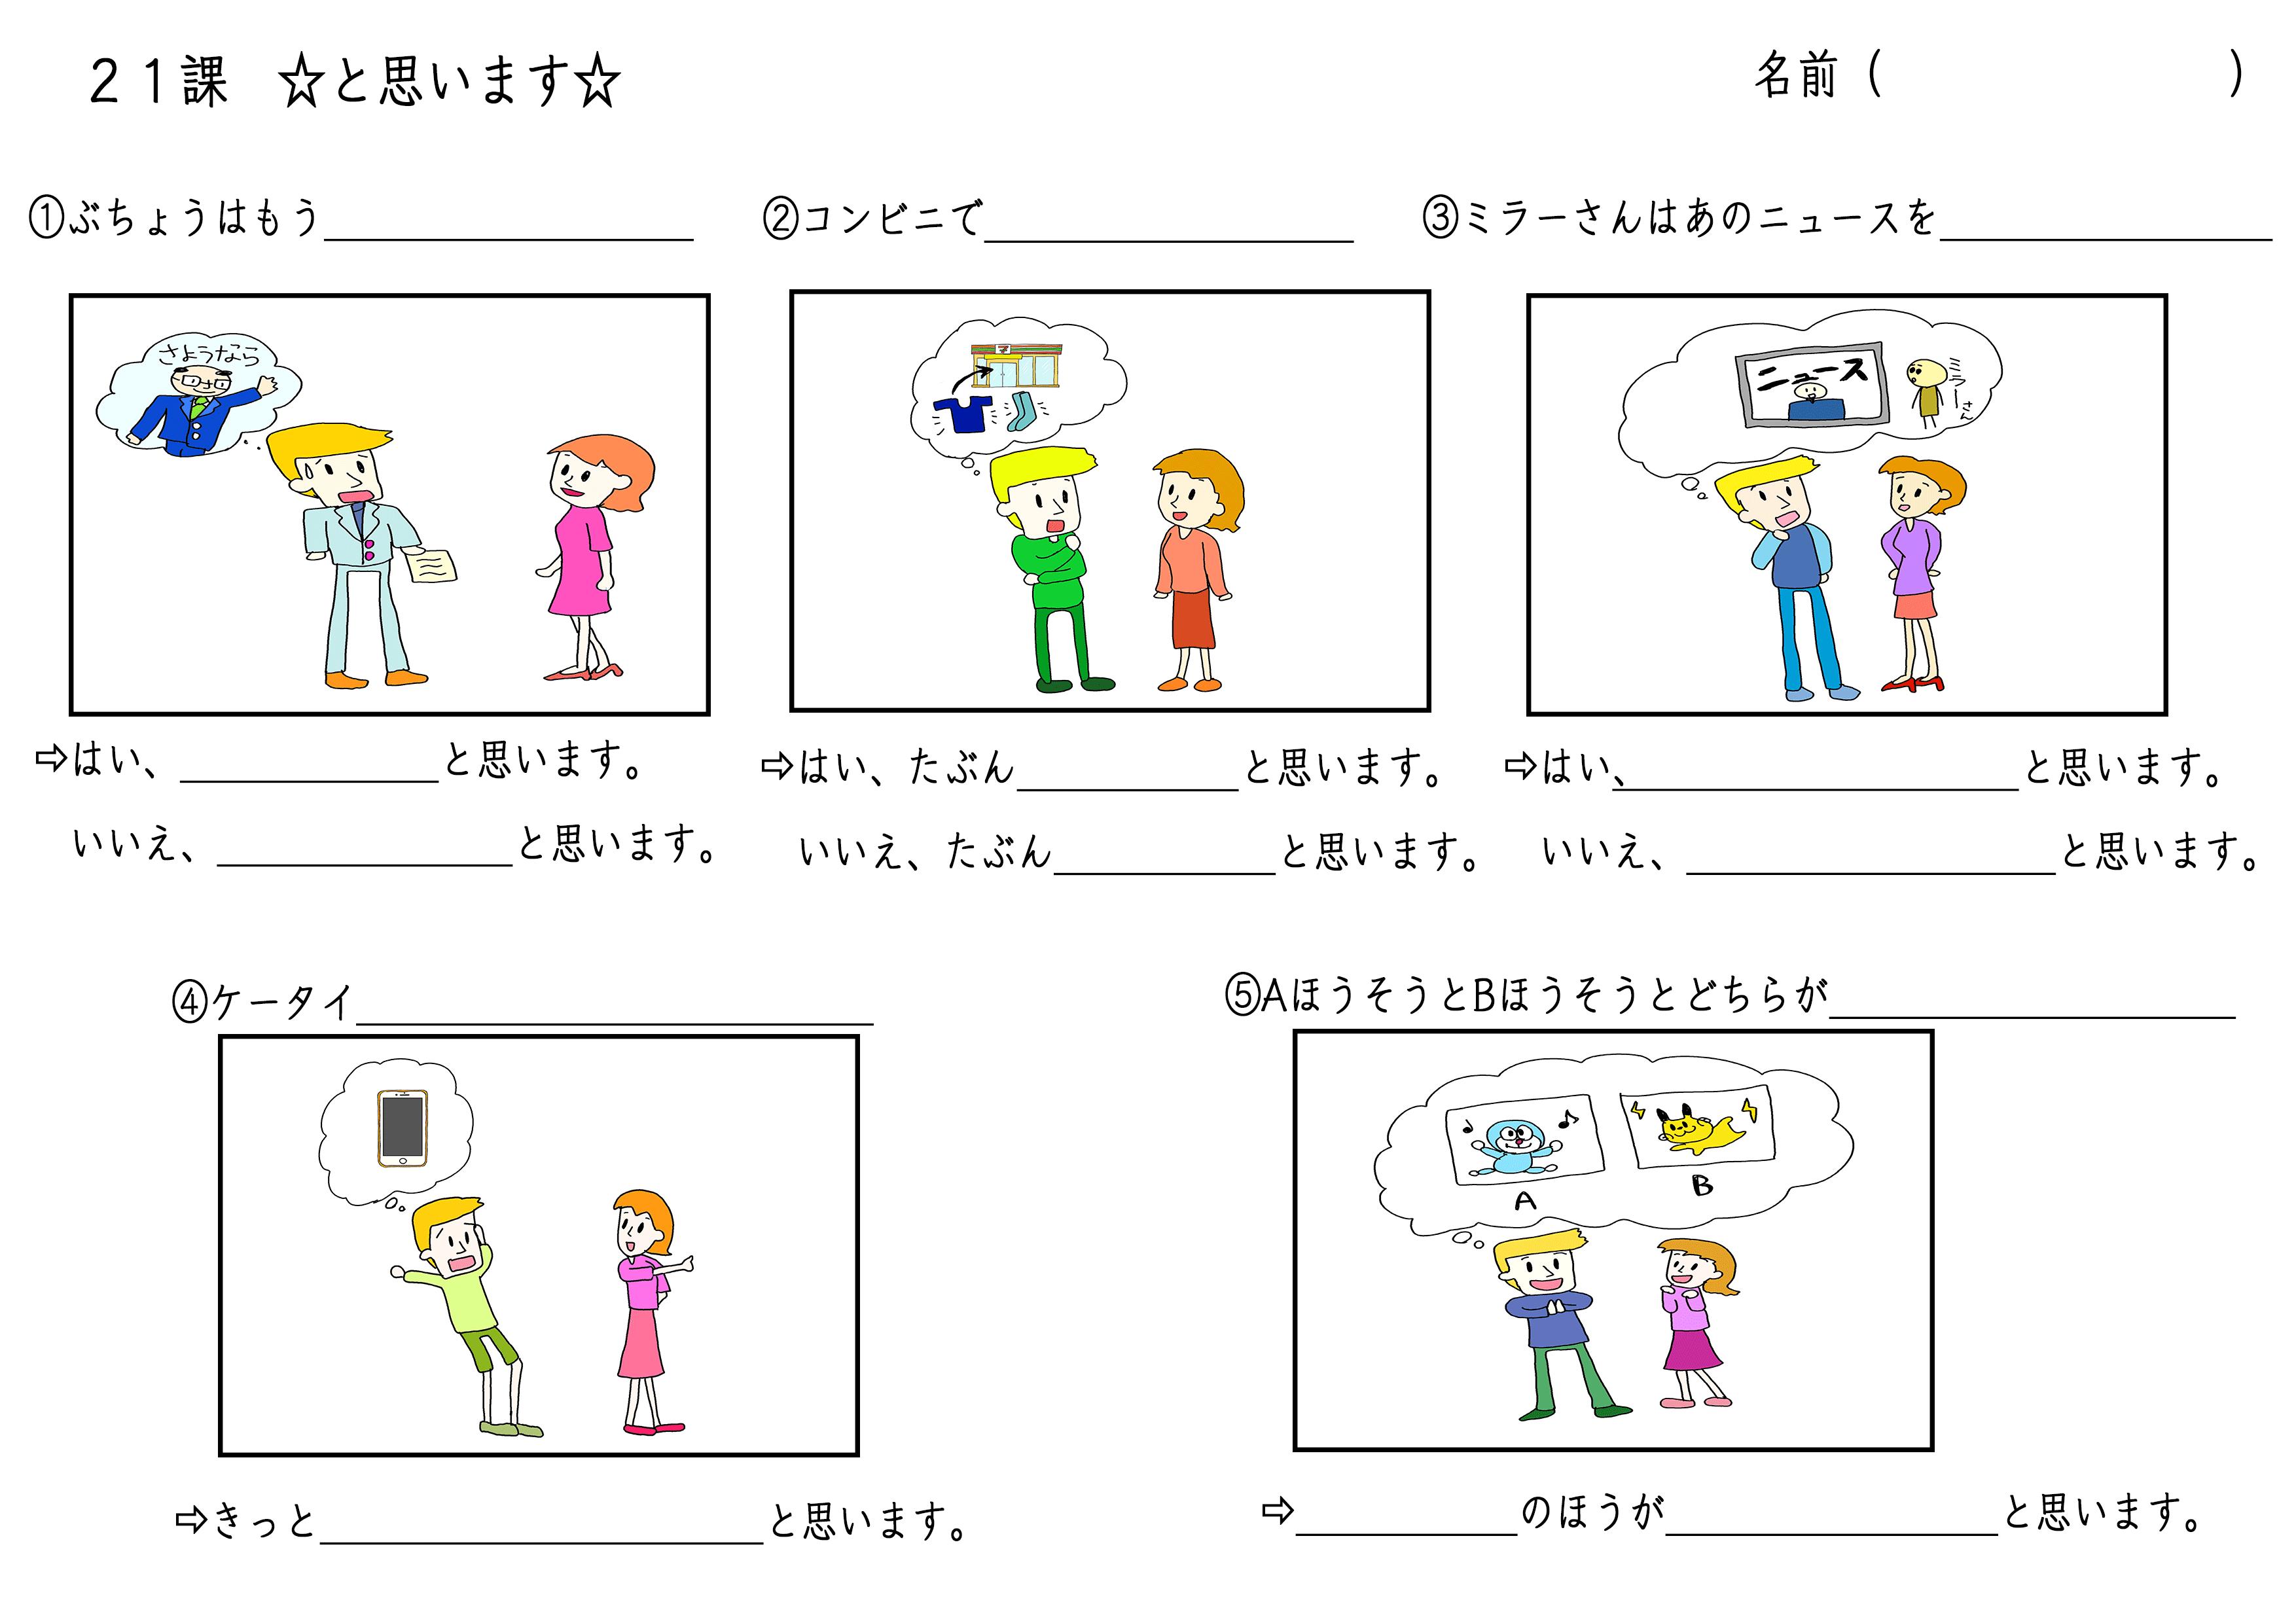 ワークシート【思う】